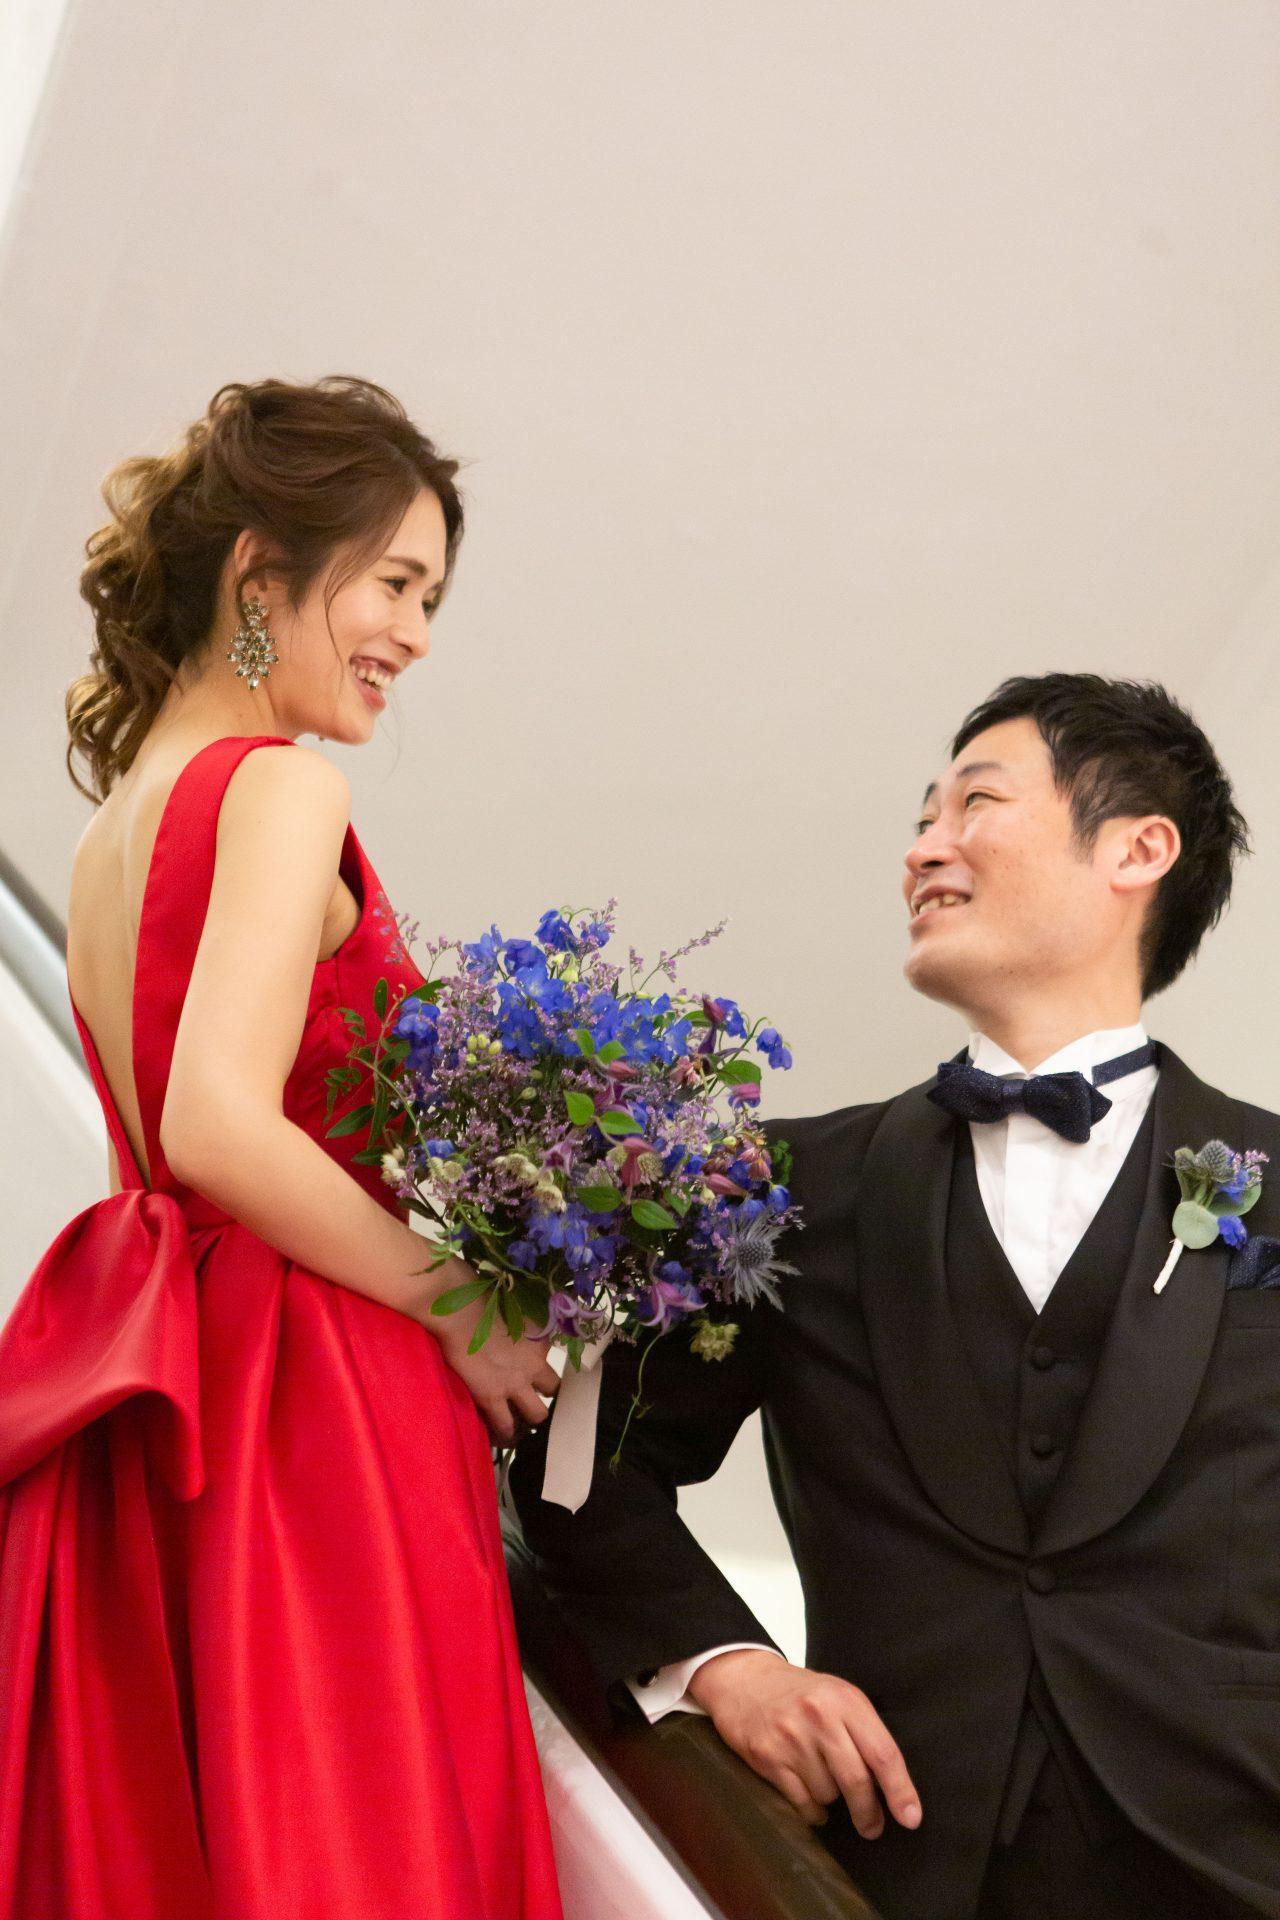 フォーチュンガーデン京都で前撮りをお考えのプレ花嫁様におすすめしたい鮮やかな赤色のカラードレスとスタイリッシュなブラックタキシード